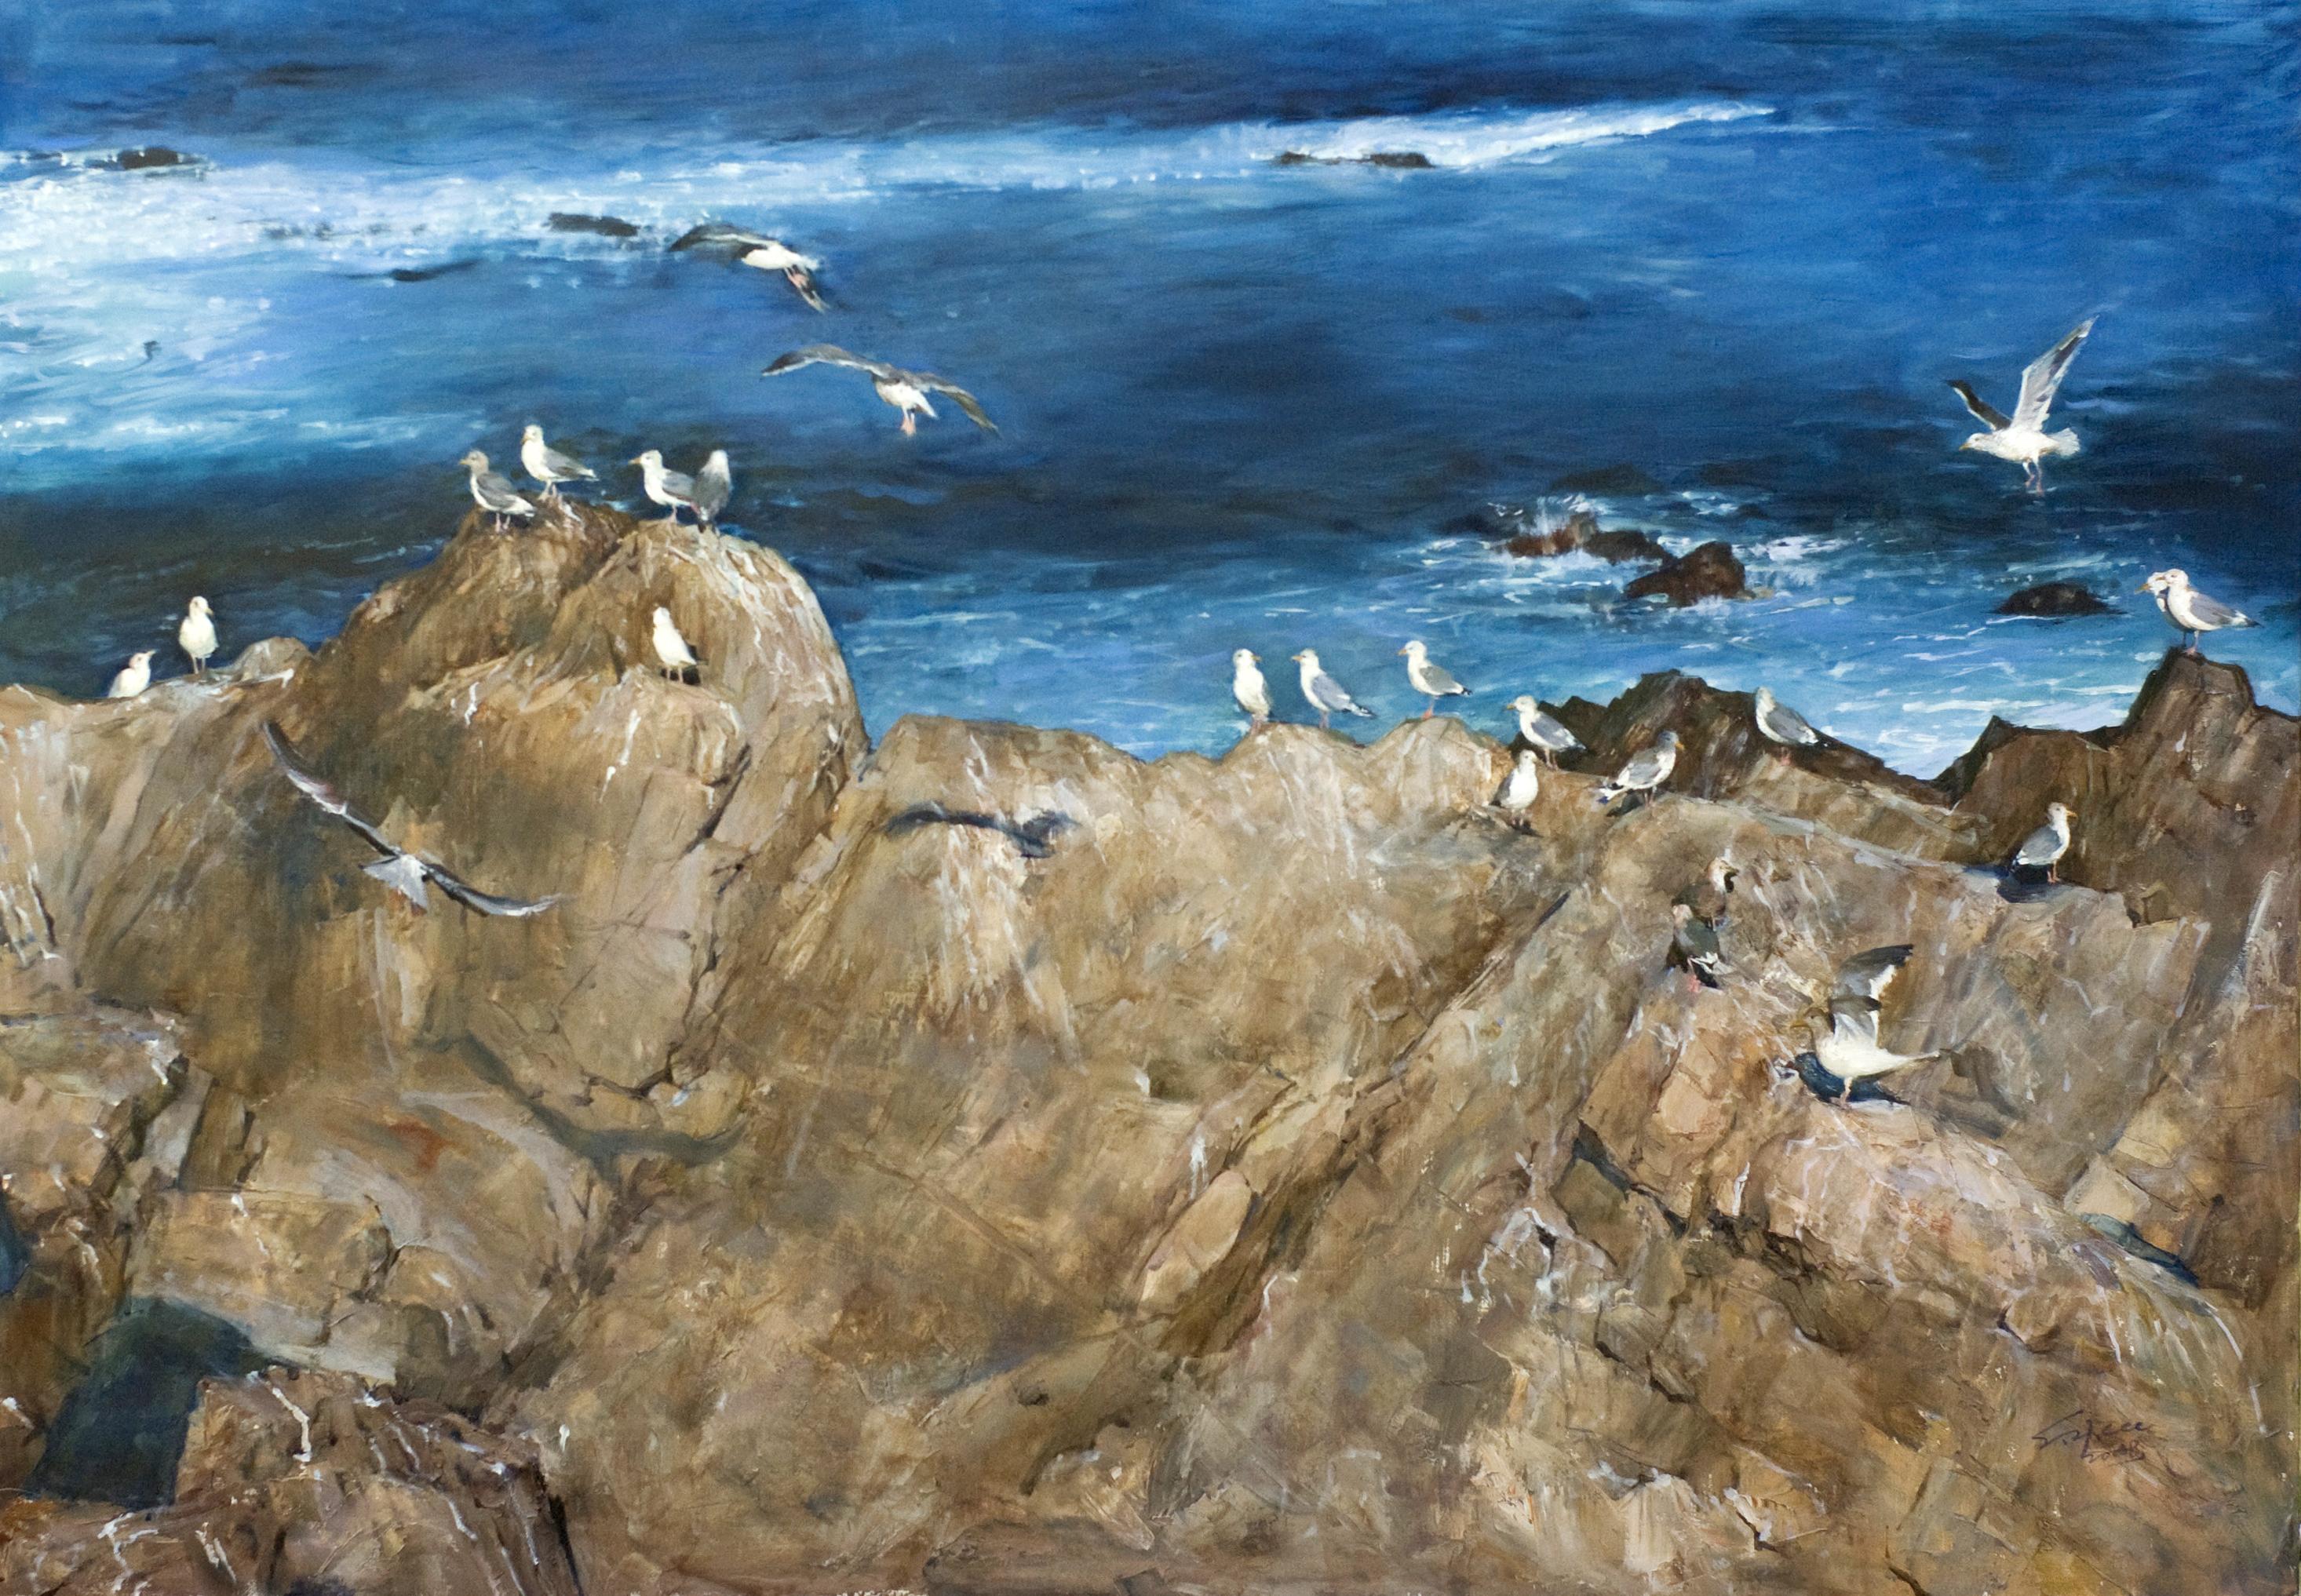 바다이야기 162.2 x112.1  Oil on canvas 2008